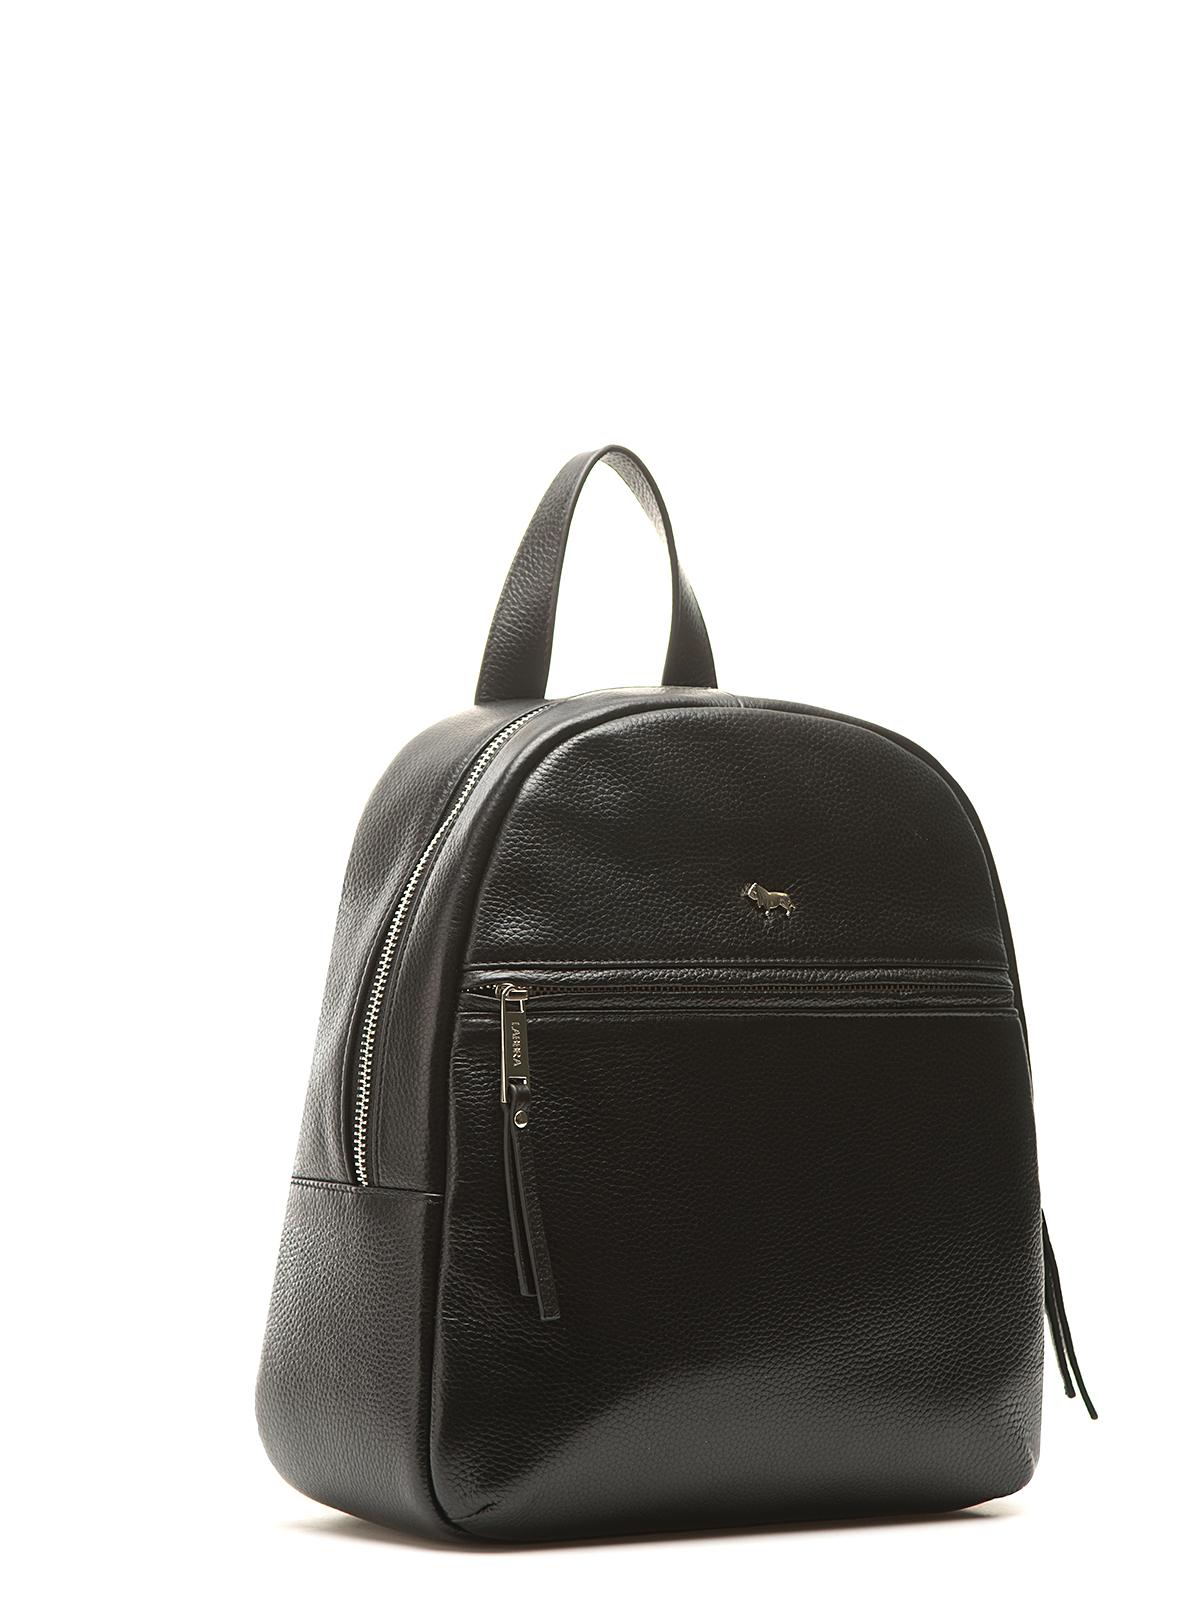 Рюкзак черного цвета из кожи на молнииСумки<br><br>Материал верха: Кожа<br>Материал подкладки: Кожа<br>Цвет: Черный<br>Размер: 26х9х29<br>Дизайн: Италия<br>Страна производства: Китай<br><br>Материал верха: Кожа<br>Материал подкладки: Кожа<br>Цвет: Черный<br>Пол: Женский<br>Размер: Без размера